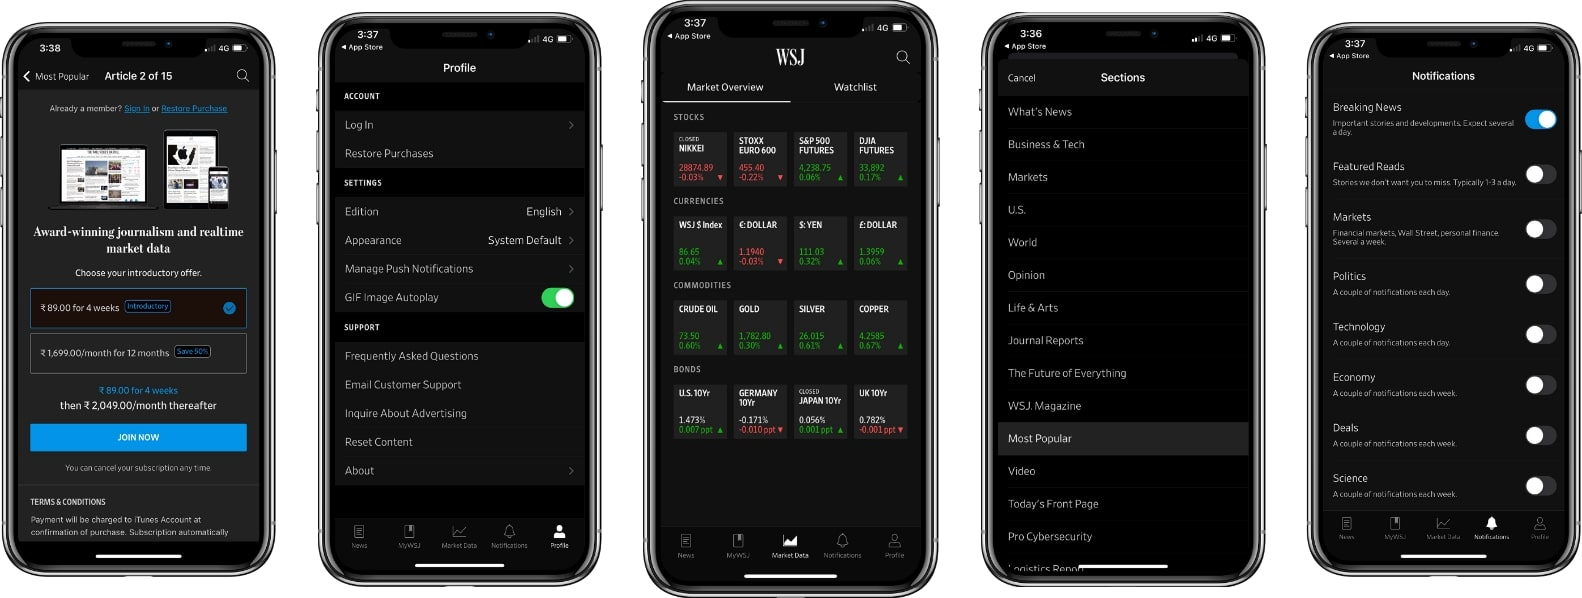 Screenshots of Wall Street Journal App